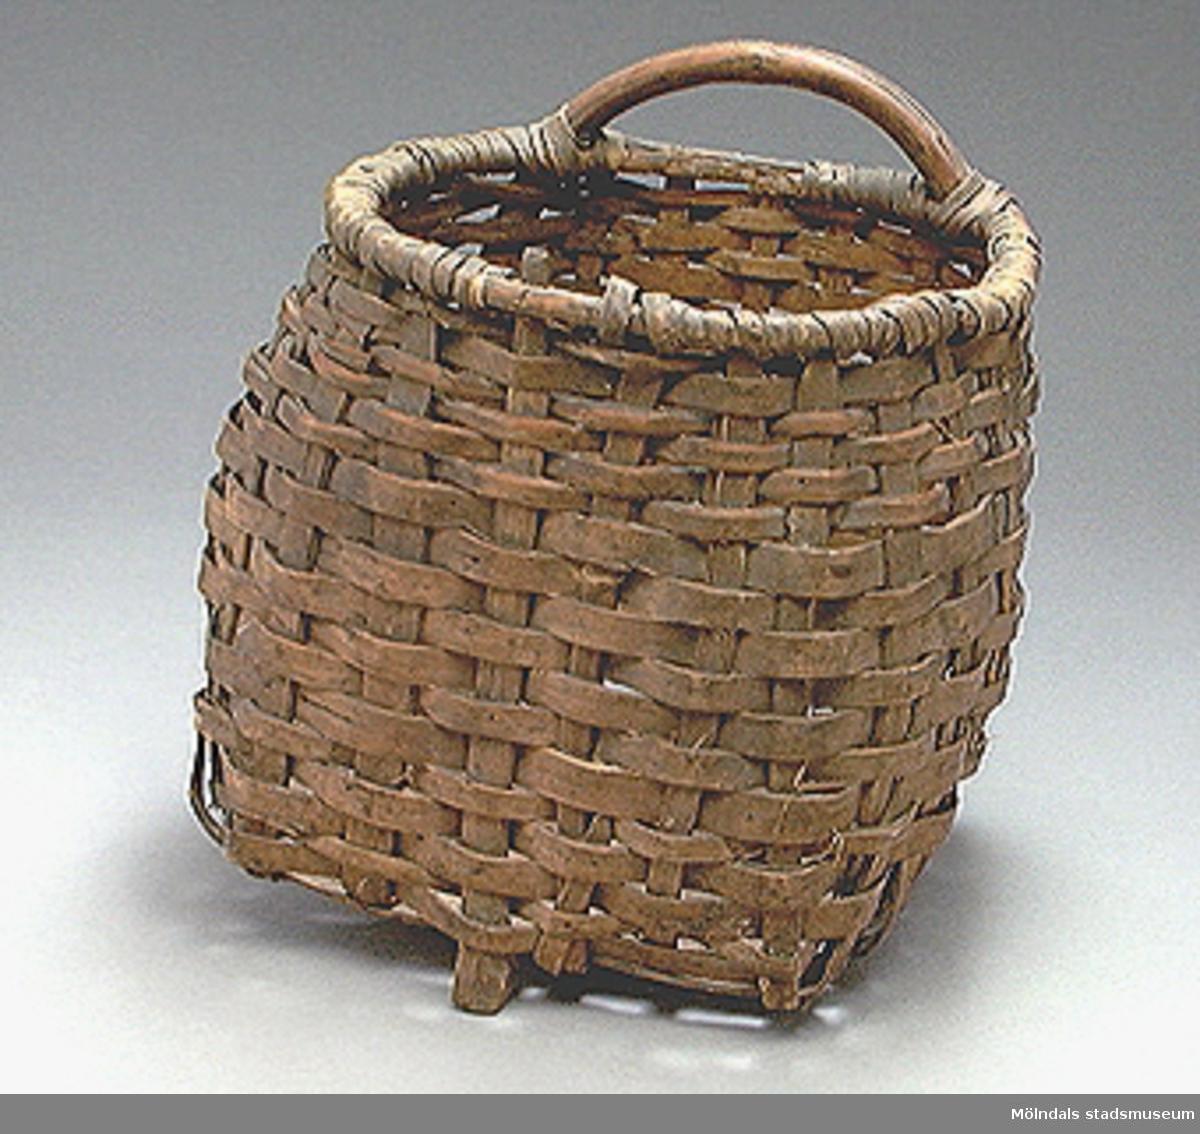 Djup rund av vidjor flätad korg med stomme (ben) och grep av böjd gren.